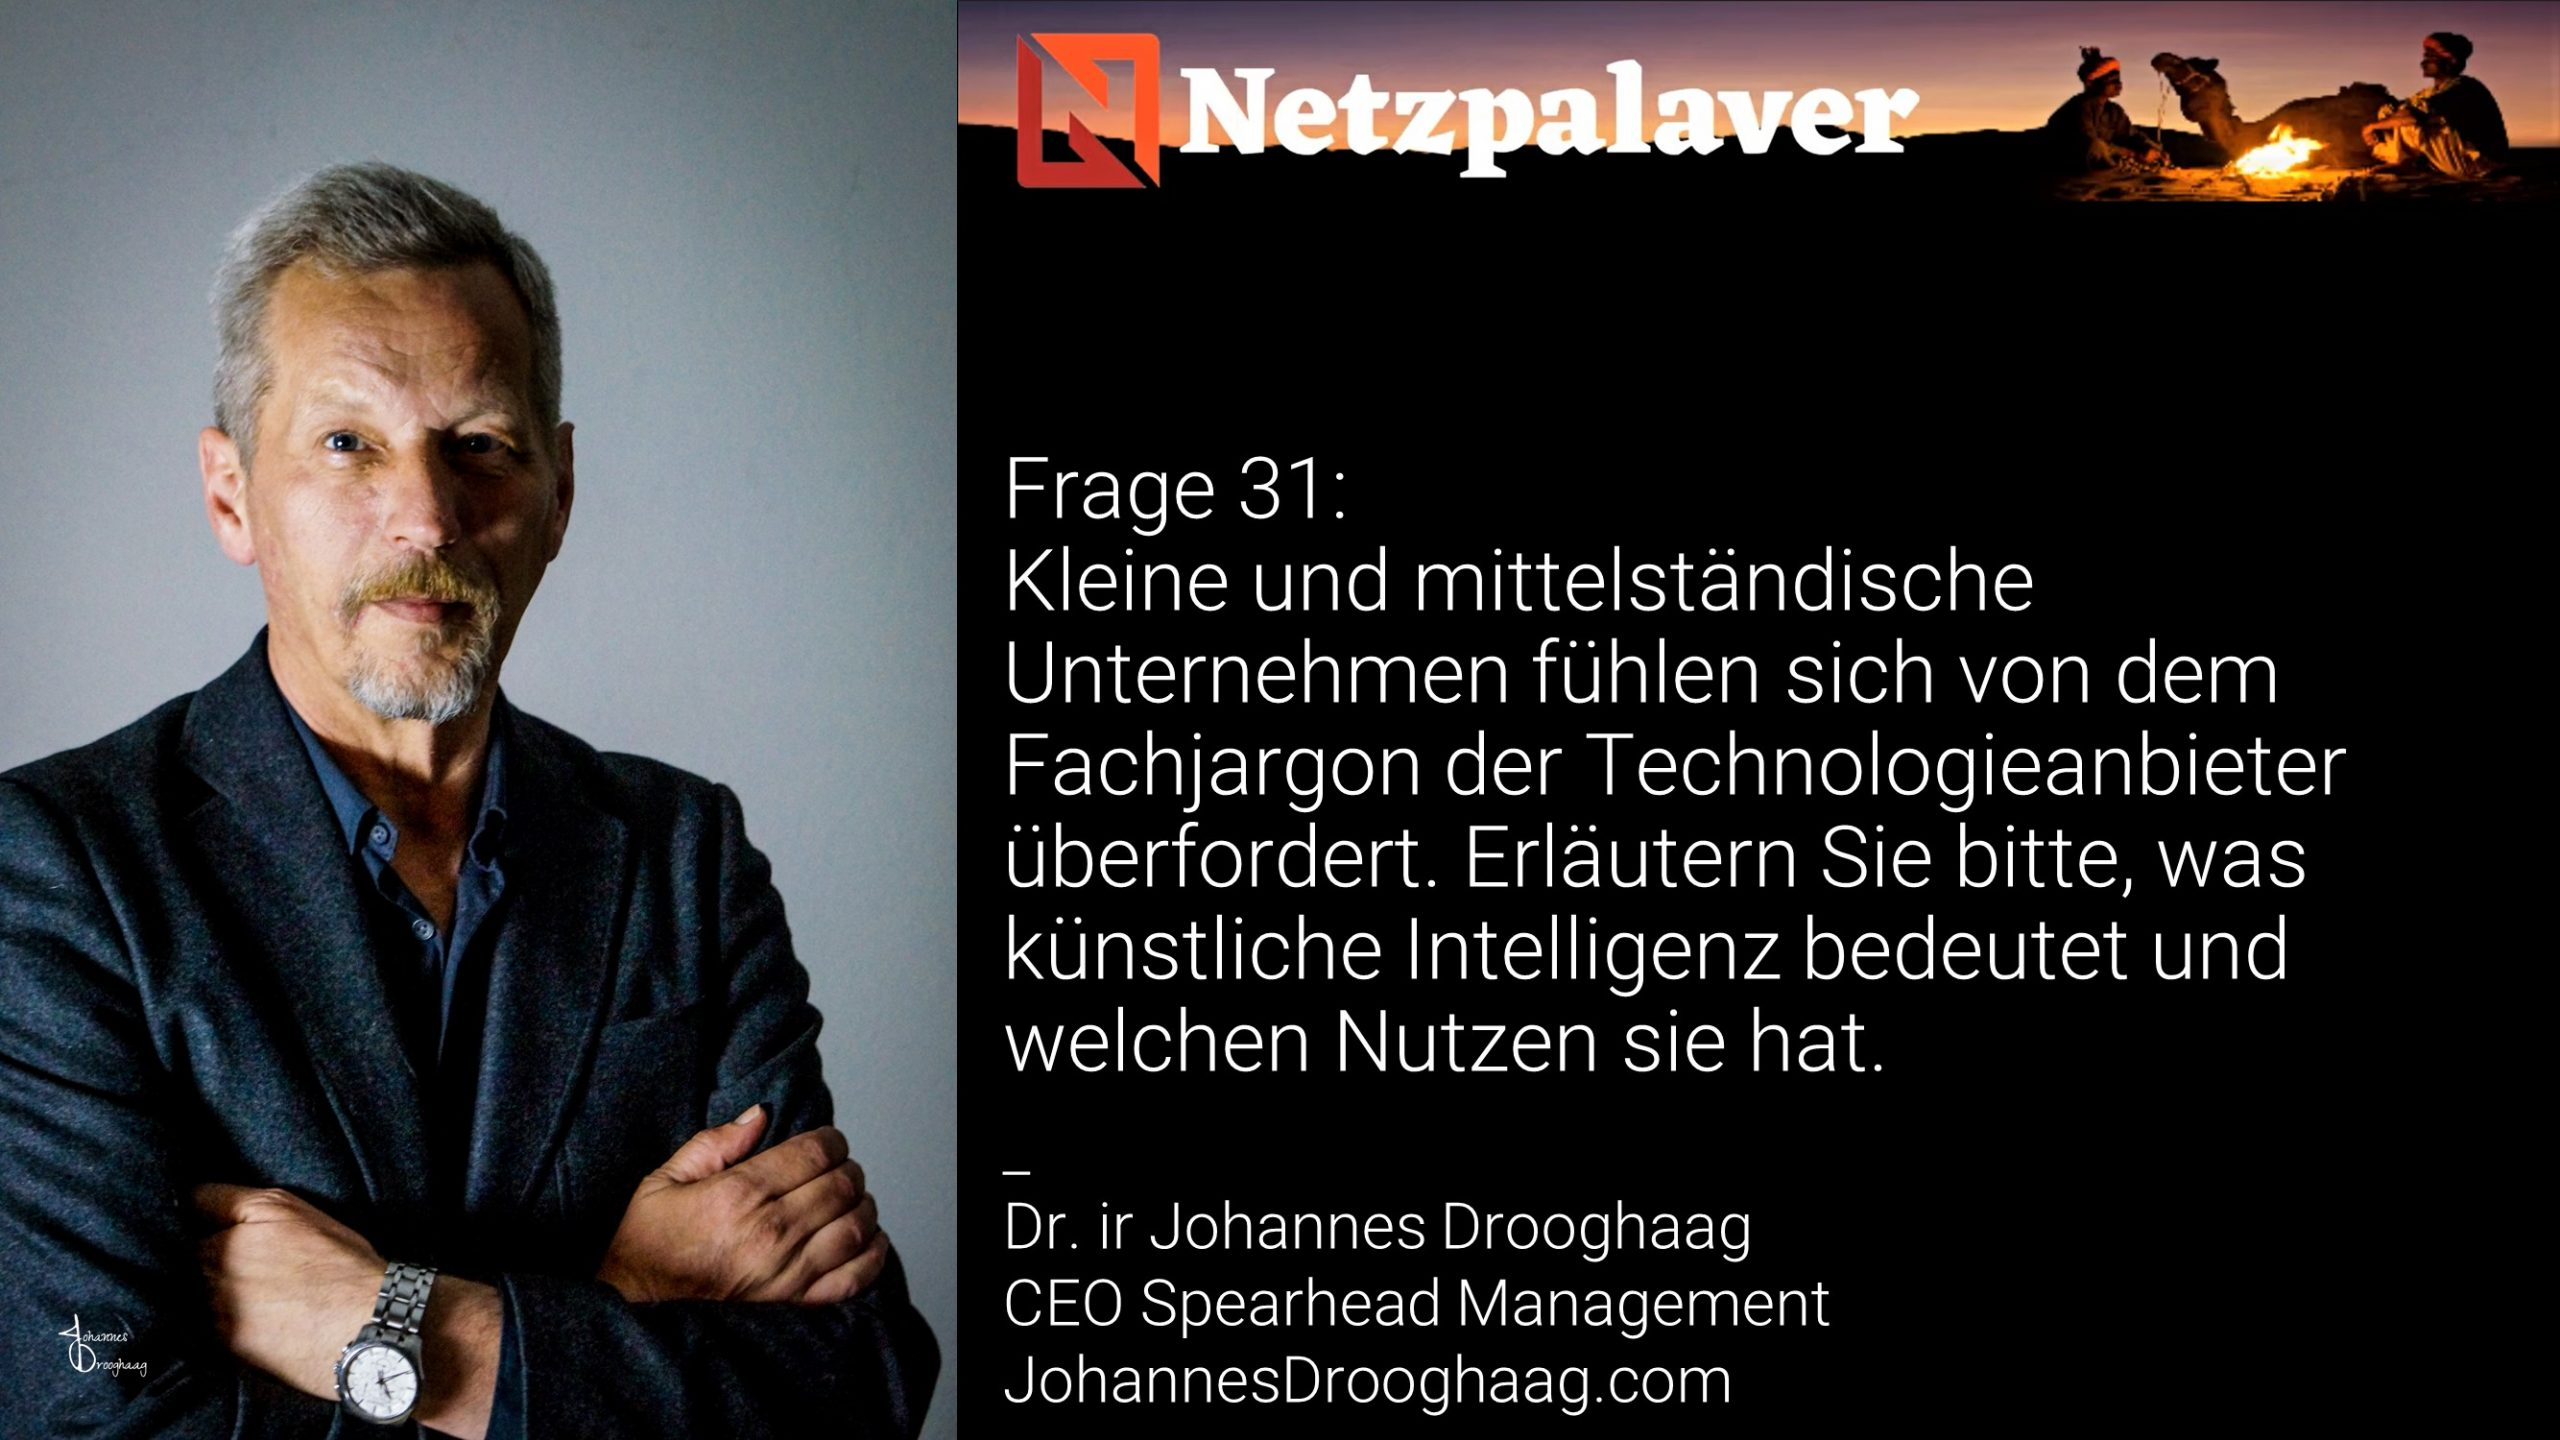 Netzpalaver: Mittelstand und Digitalisierung - Frage 31